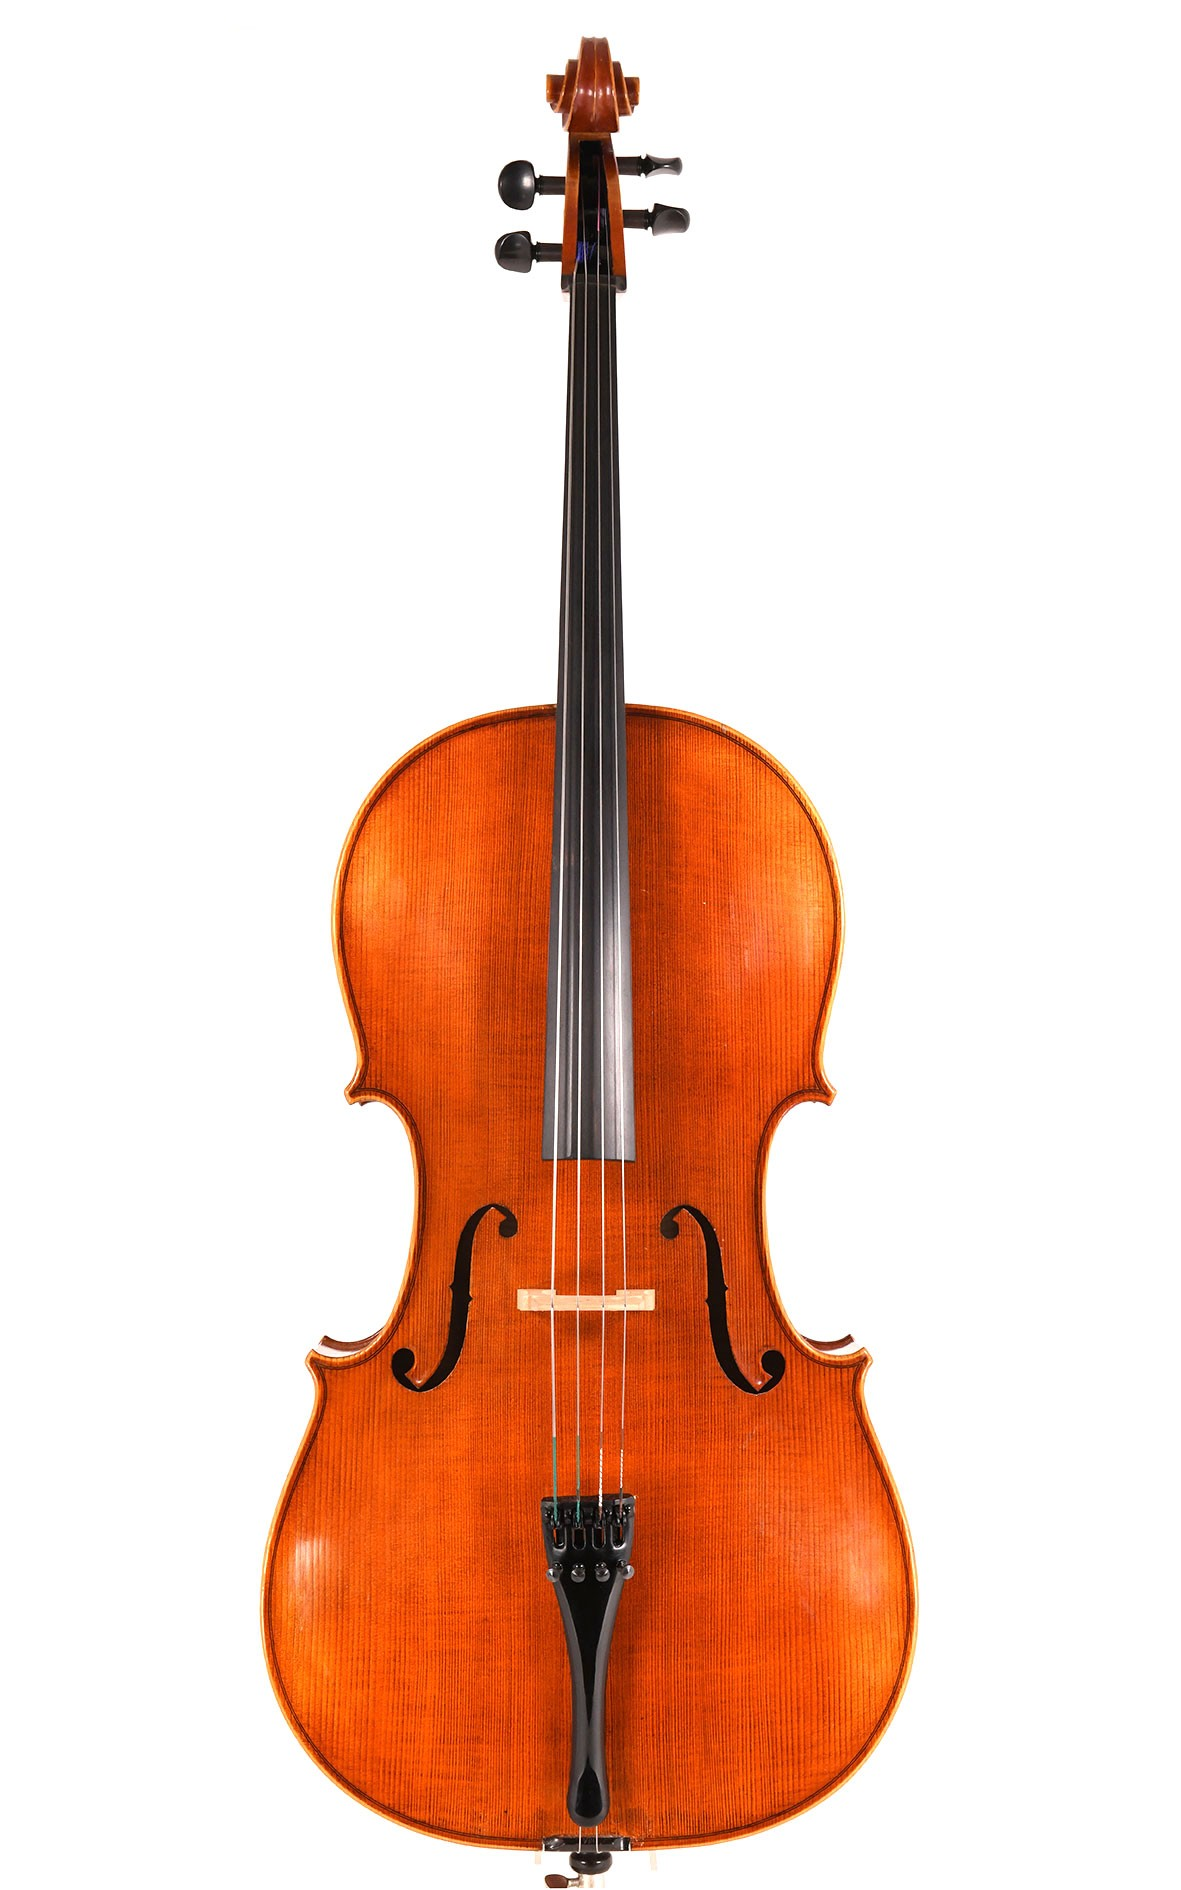 Franz Ostler Mittenwald, Cello aus dem Jahr 1978